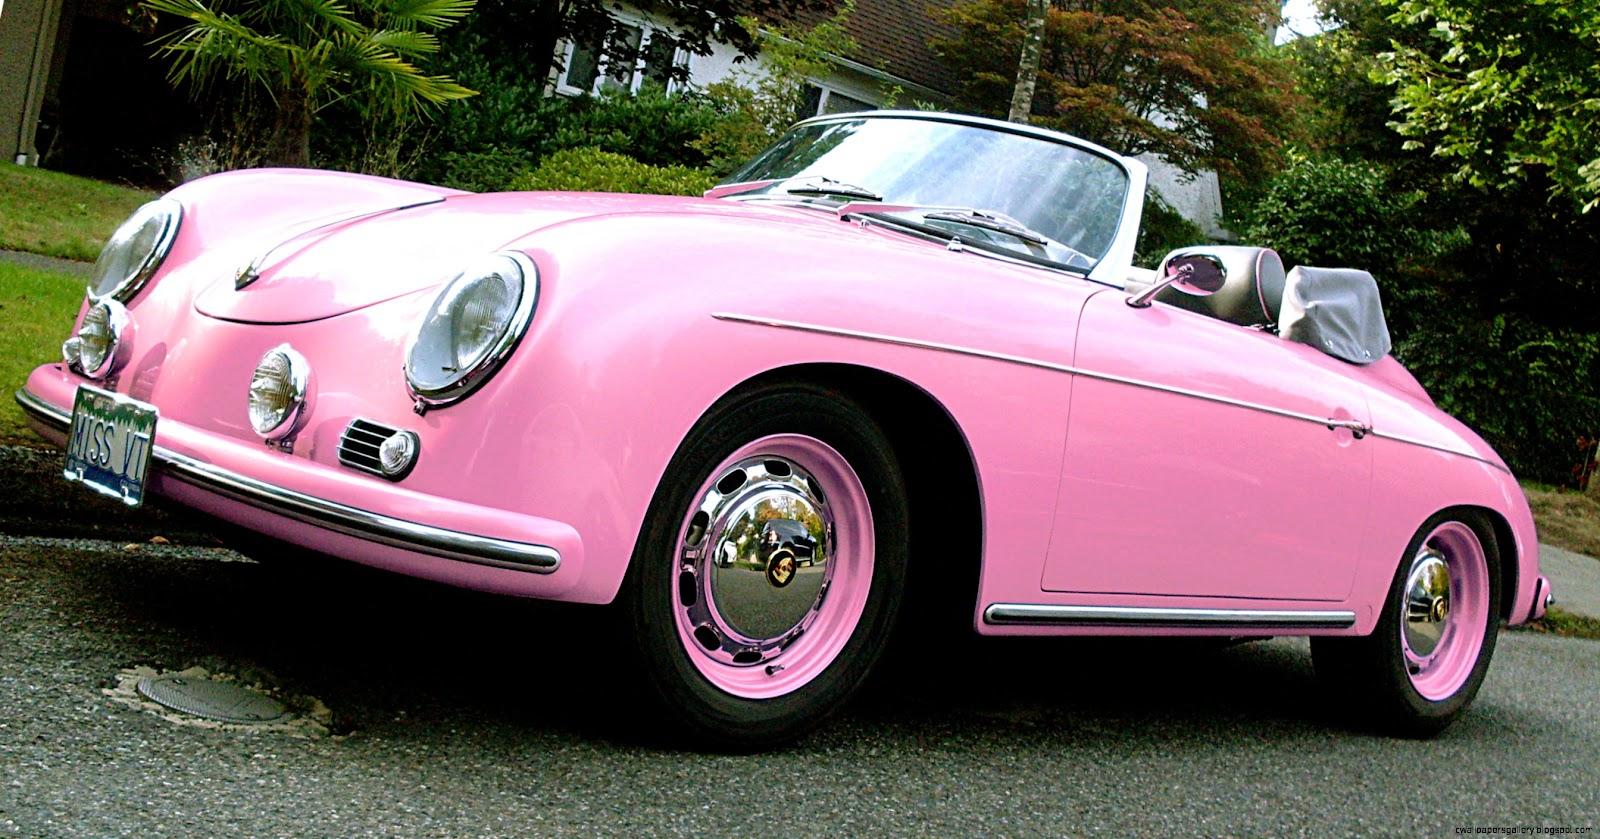 Hot Pink Porsche Cars